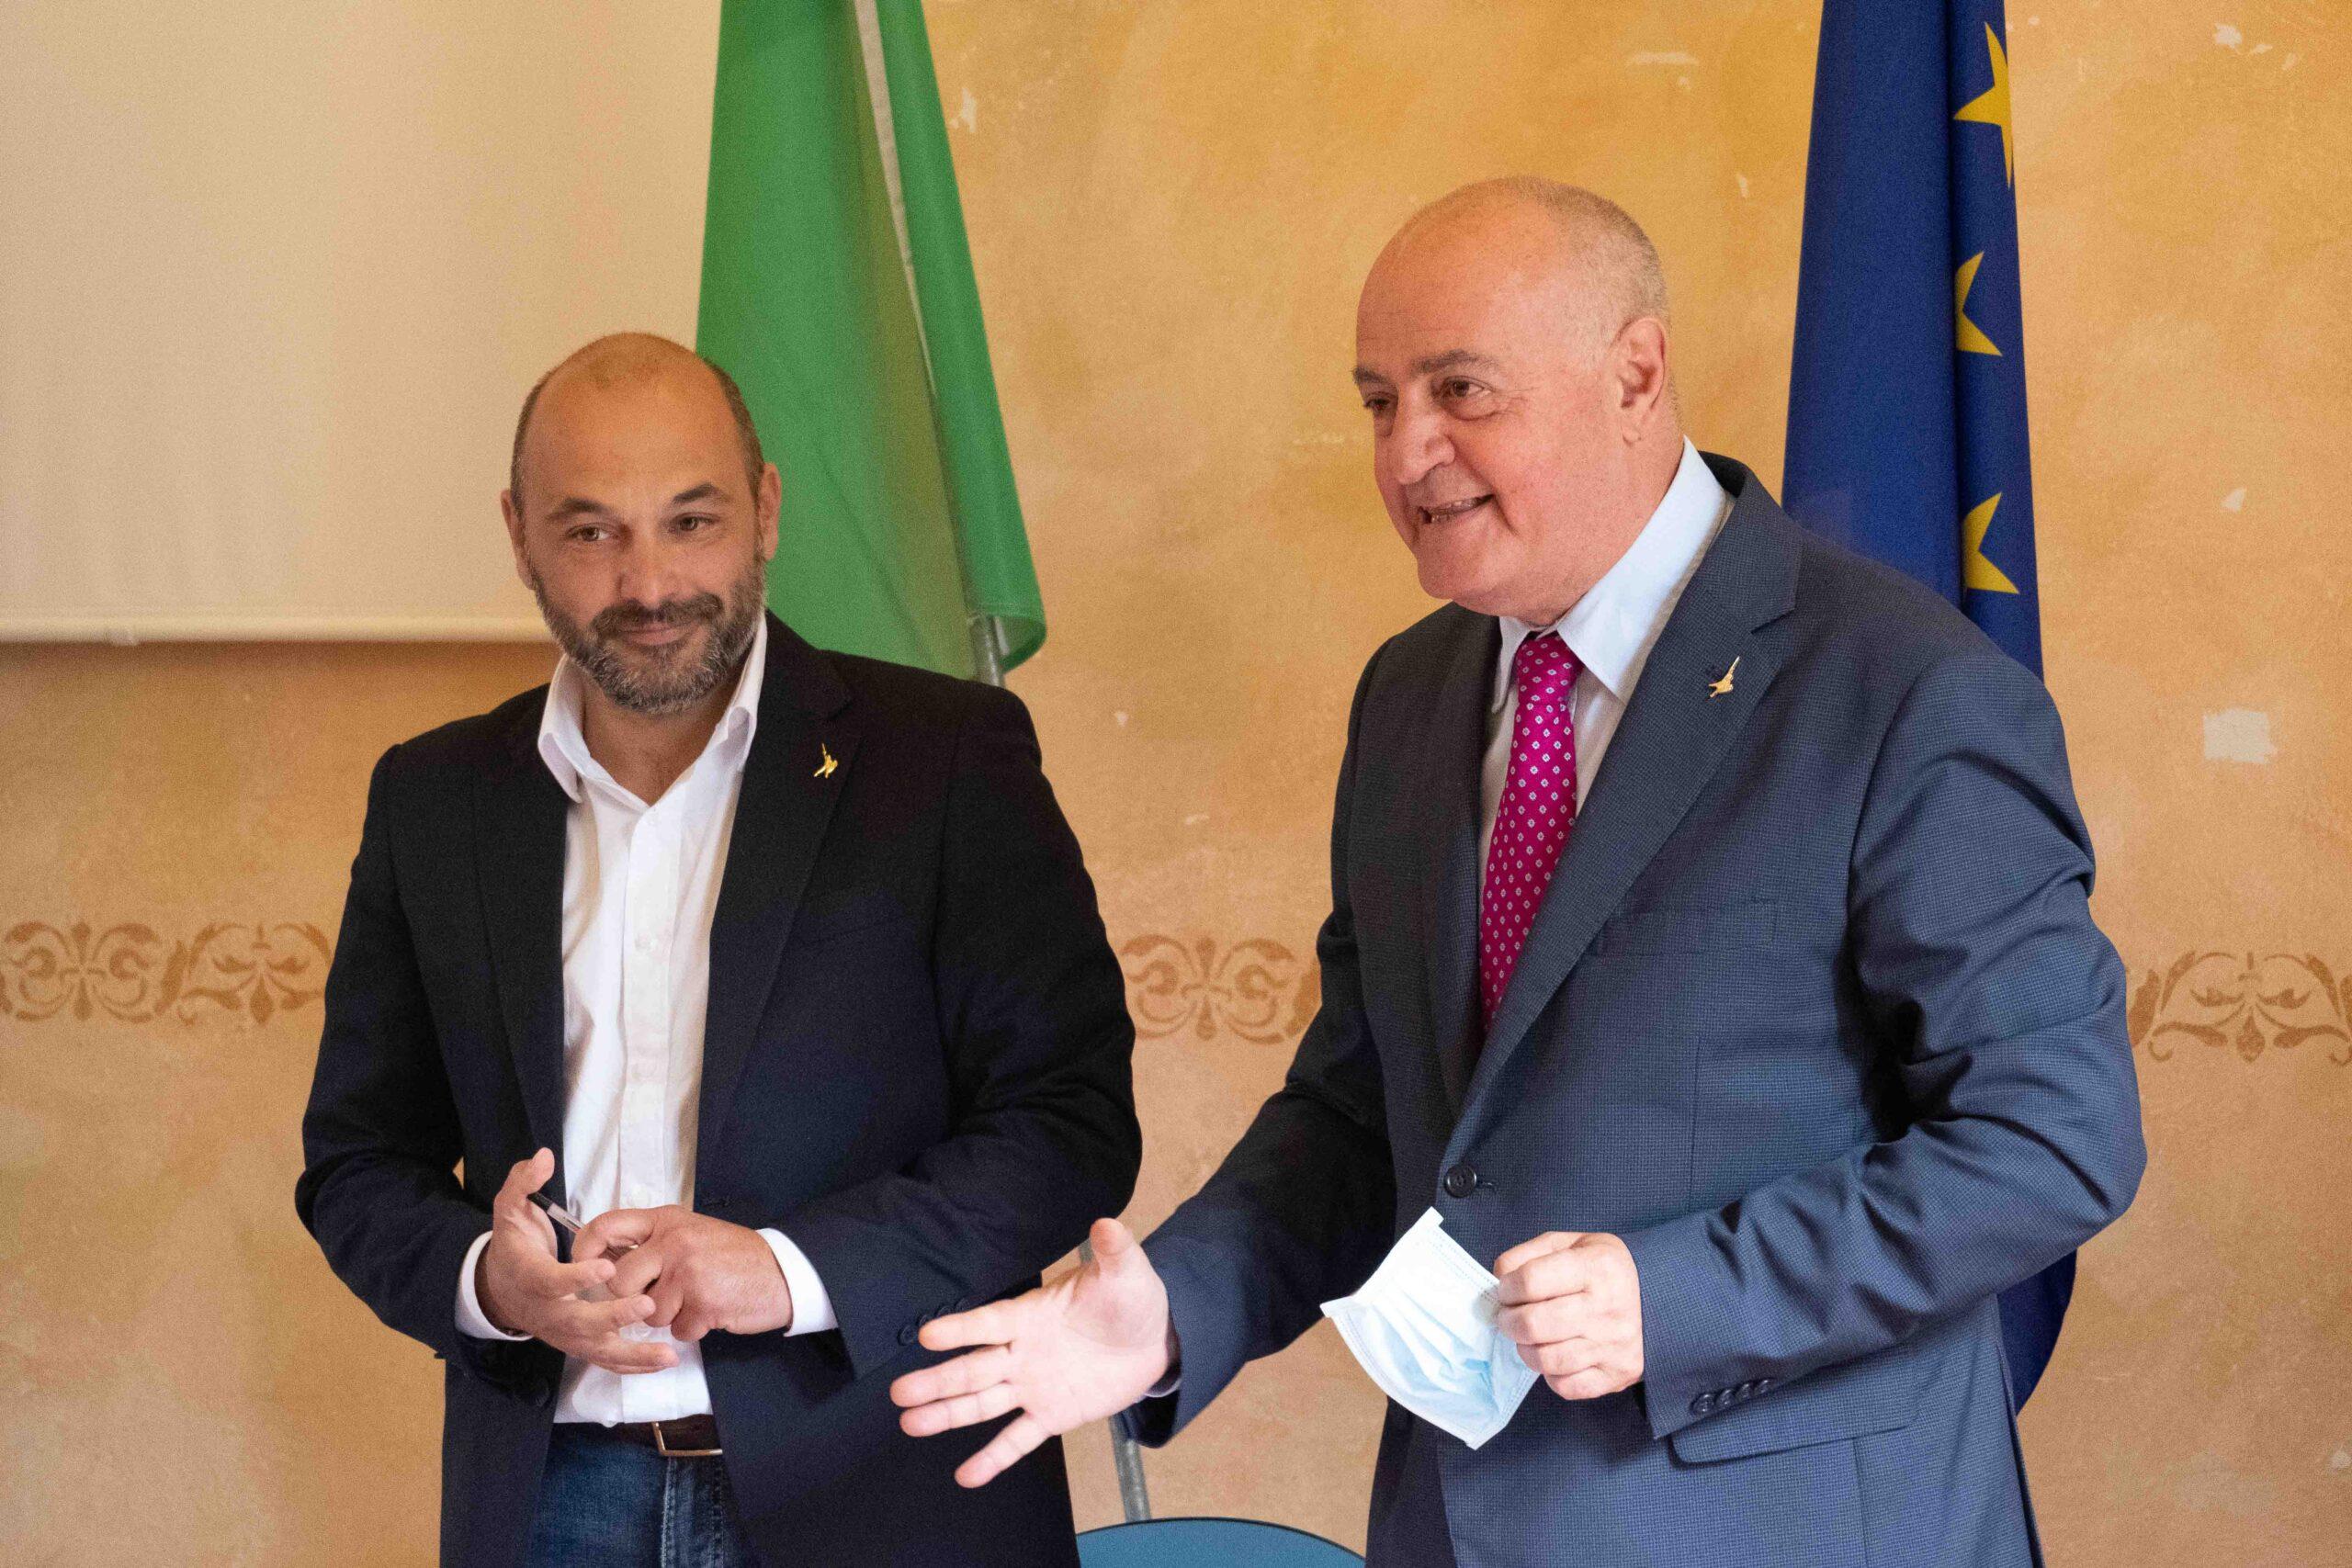 """Angelosante replica al coordinatore azzurro su candidato a sindaco centrodestra: """"Avezzano si aspetta Tiziano Genovesi con una coalizione unita"""""""